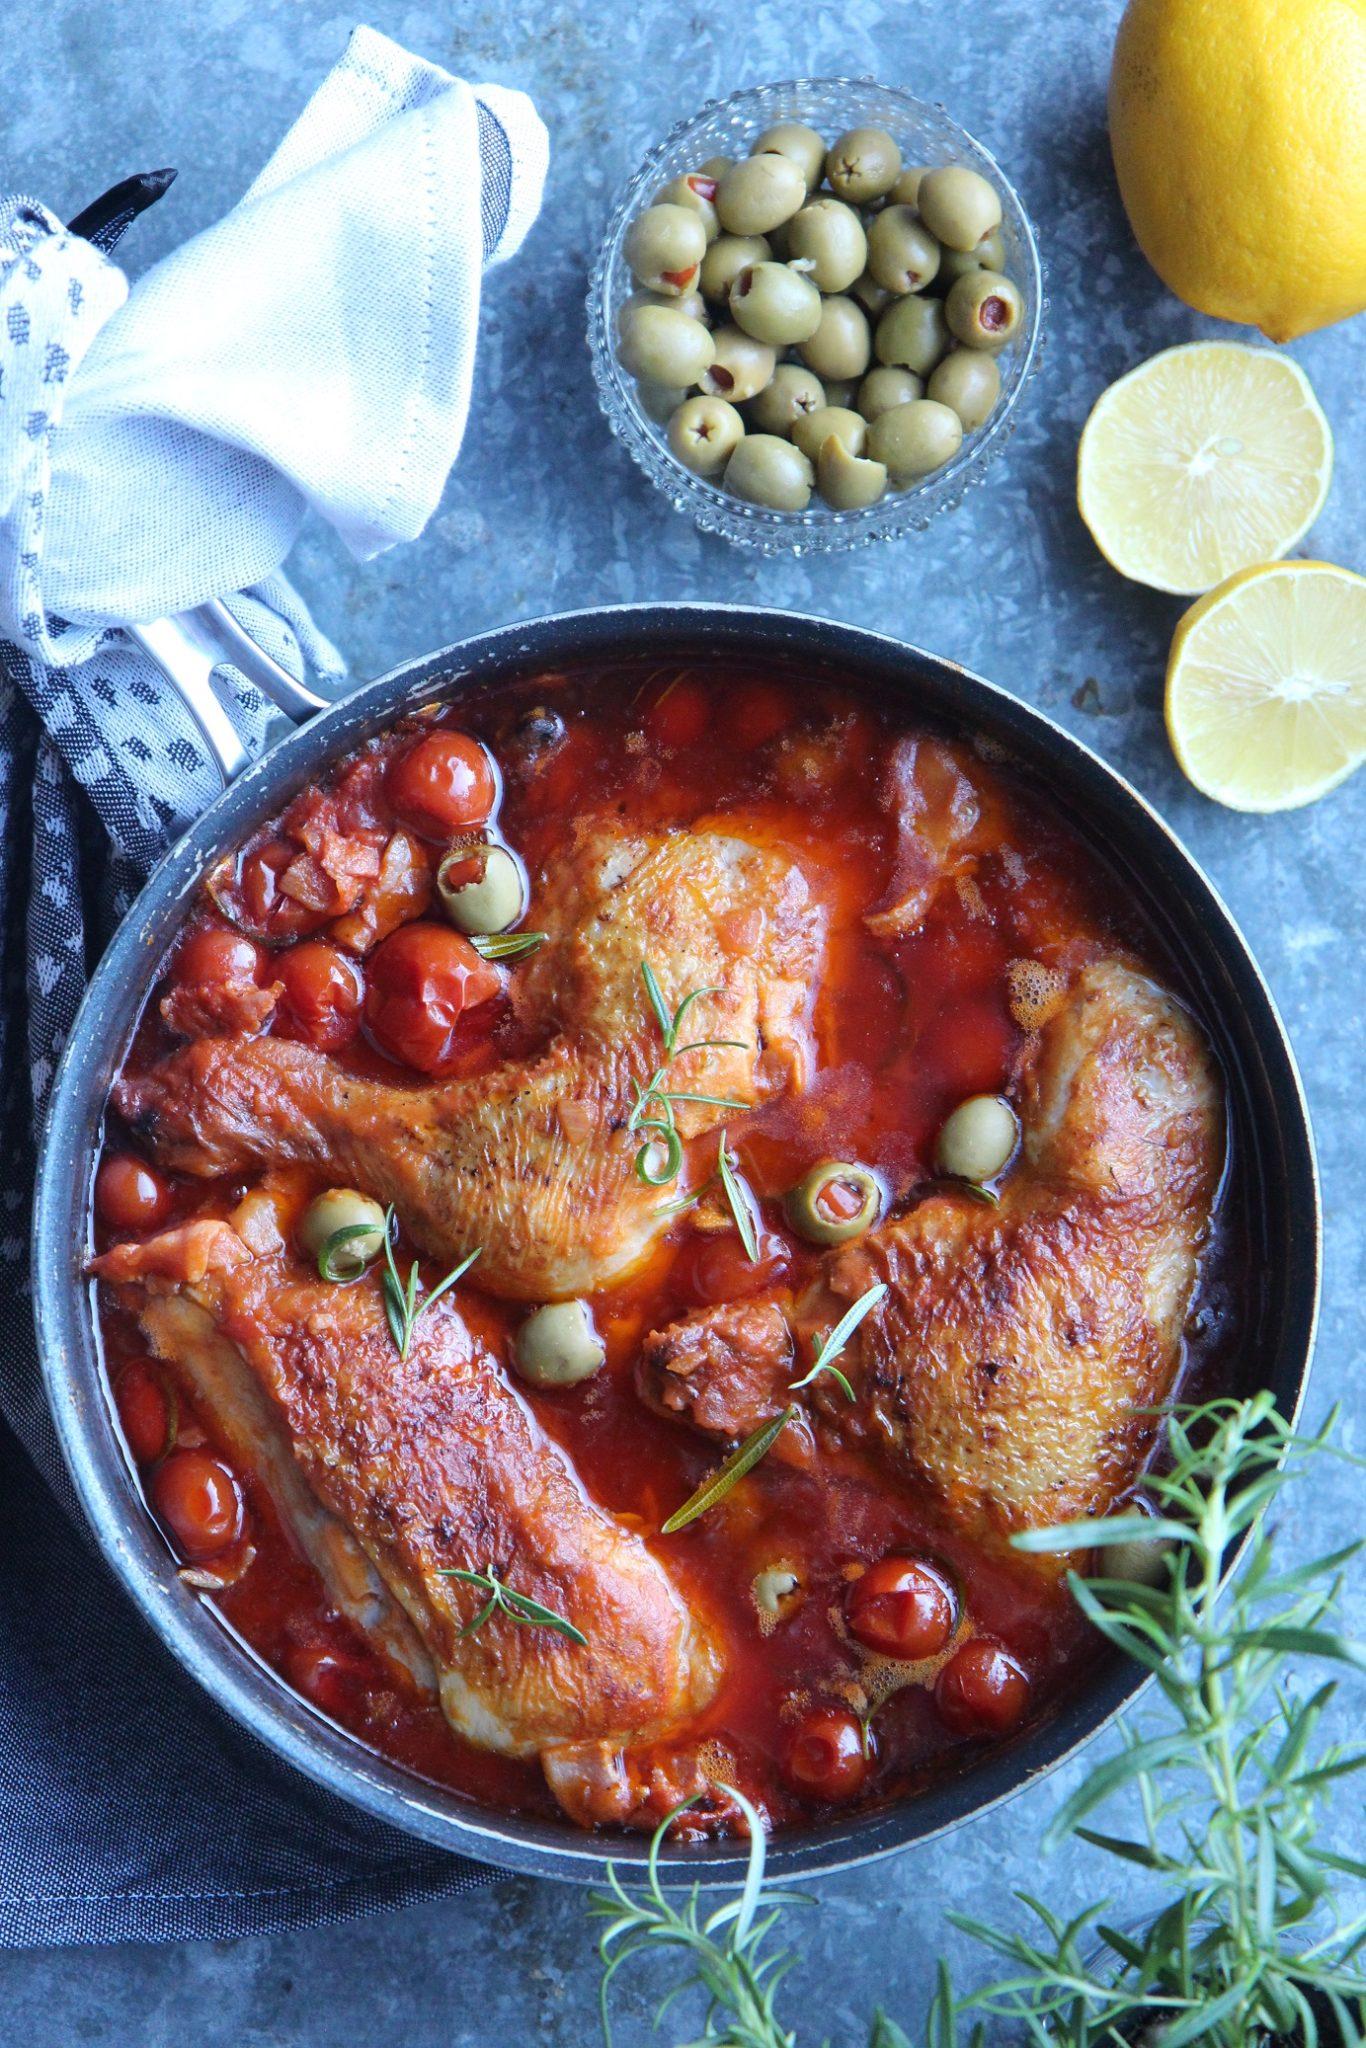 Kun syksy hiipii lautaselle - kanaa tomaattikastikkeessa